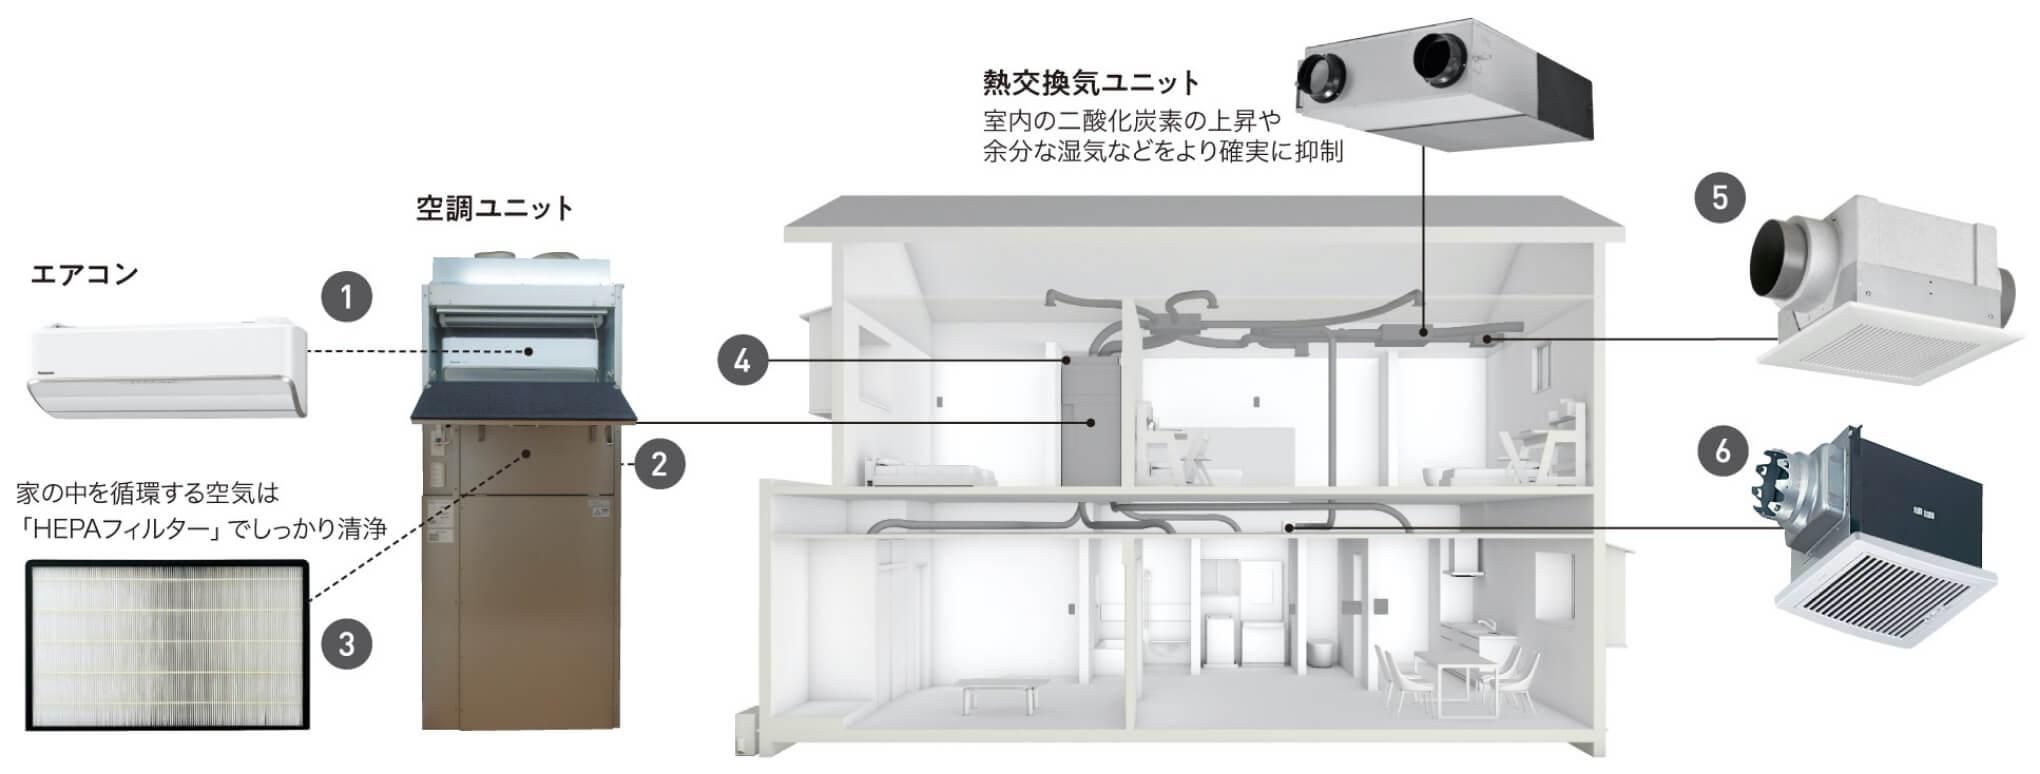 エアコン一台で住まい全体を冷暖房。メンテナンスもラク